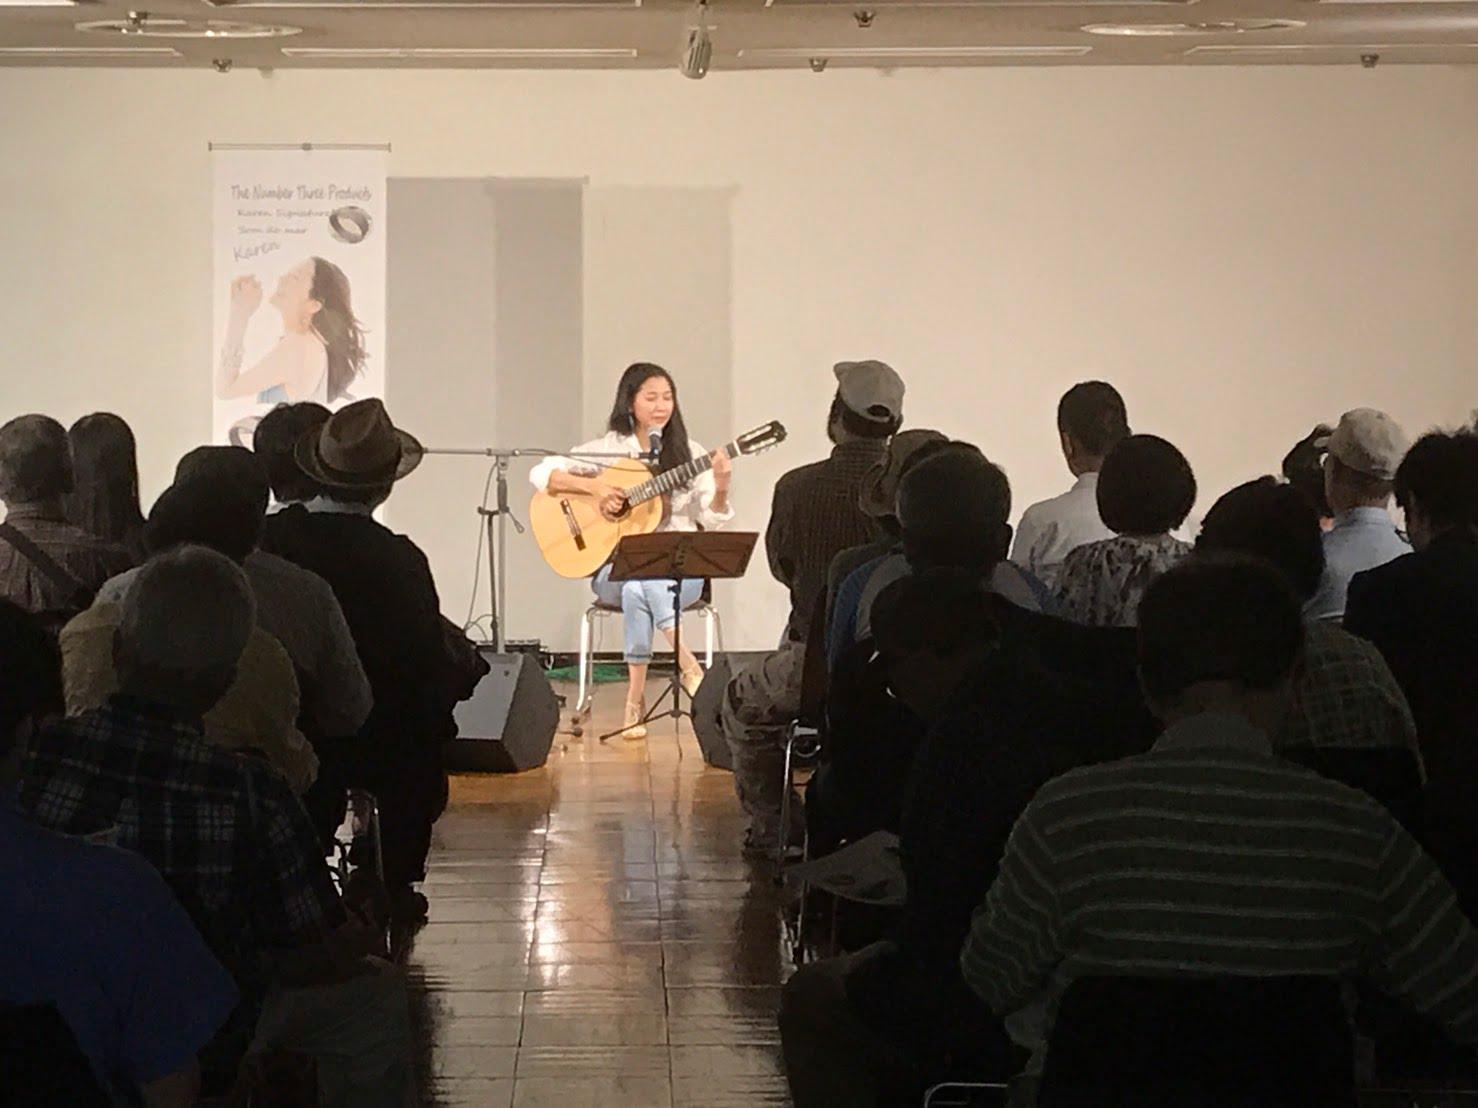 2017年・TBS主催ハンドクラフト・ギターフェスにて。Karenモデルギター発表時